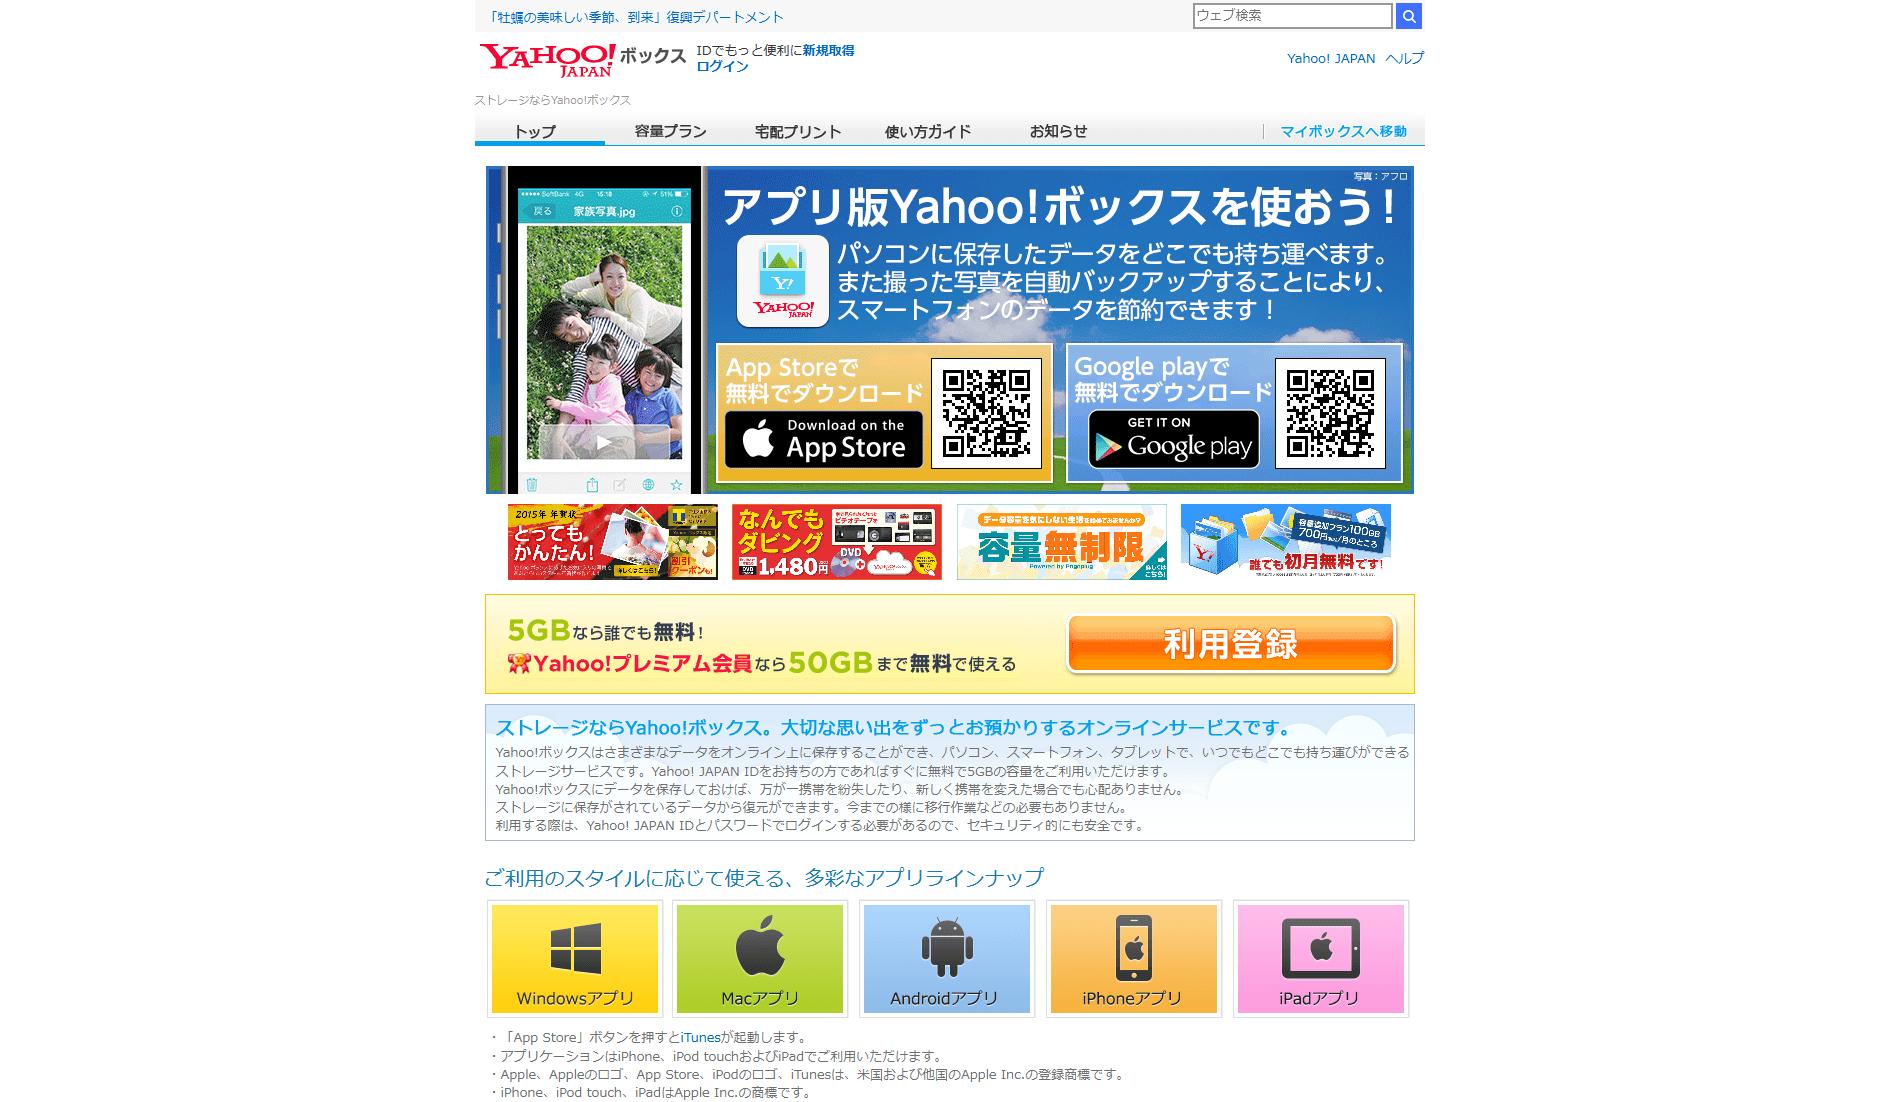 オンラインストレージ - Yahoo!ボックス